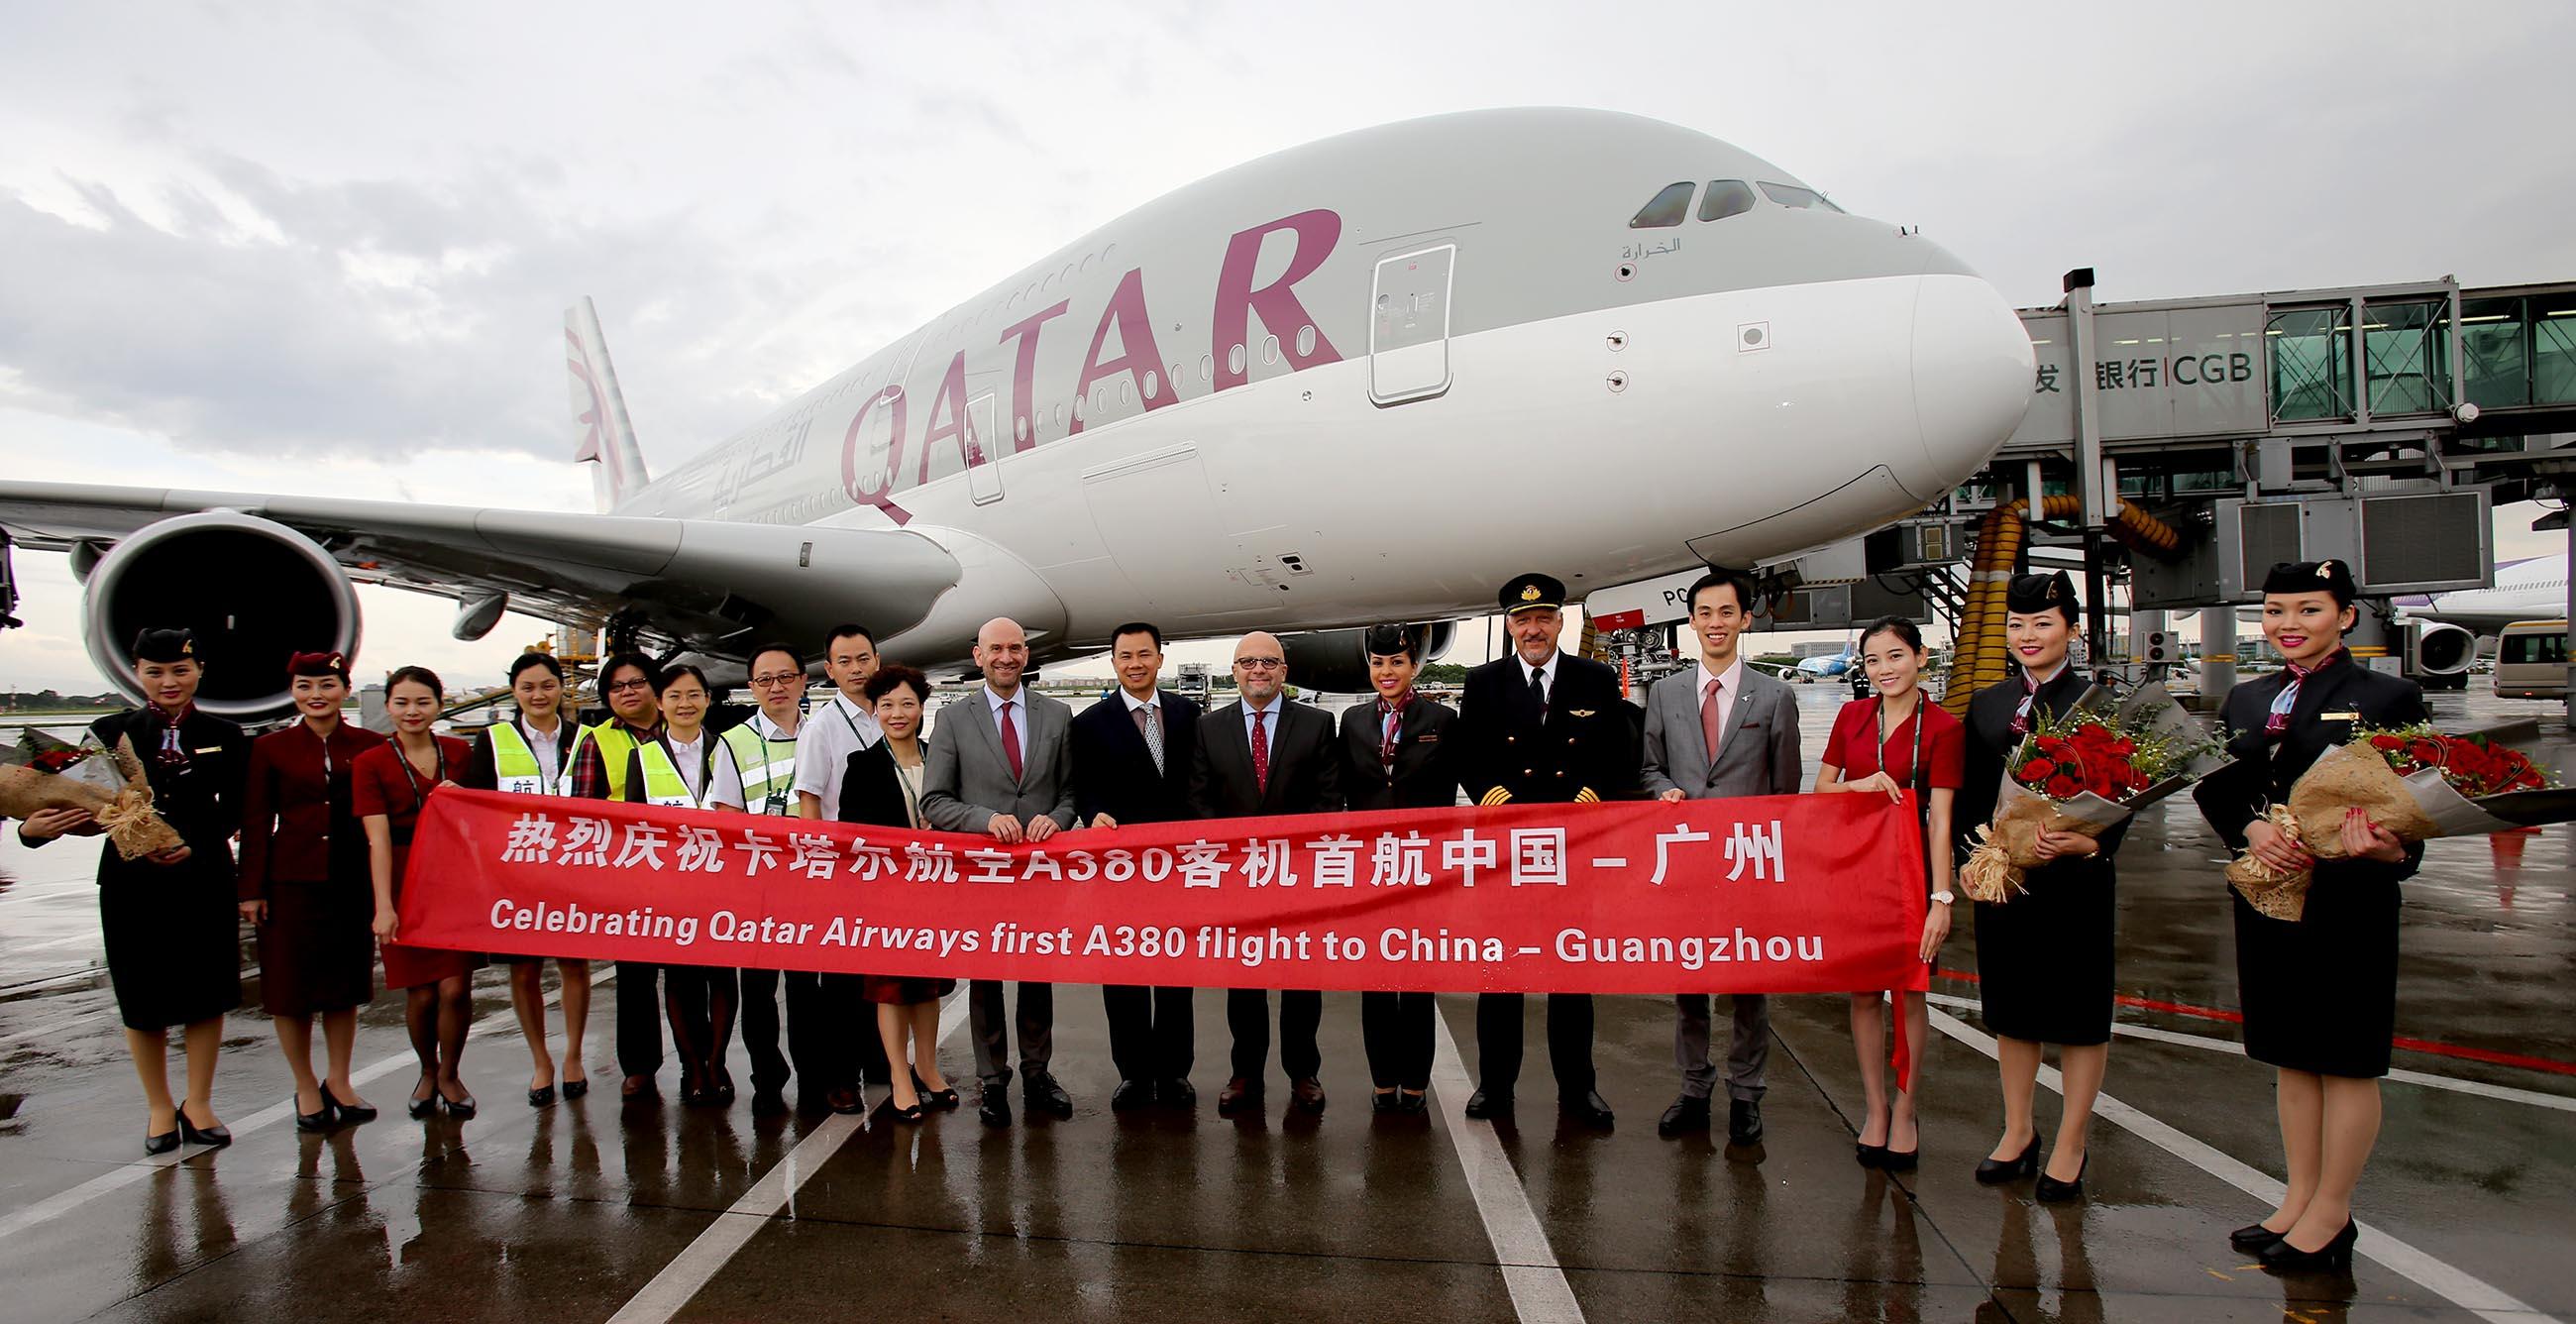 卡塔尔航空公司(以下简称卡塔尔航空)A380客机首航航班成功降落在中国广州白云国际机场,并受到了热烈的欢迎。广州成为了继曼谷、伦敦、及巴黎之后,卡塔尔航空在全球采用A380执飞的第四个航点。 自2016年7月1日起,卡塔尔航空将启用世界最大的商务客机A380执飞广州白云国际机场至多哈哈马德国际机场航线,每日一班。广州出发时间为00:55,于当日04:00抵达多哈;多哈出发时间为02:30,于当日15:30抵达广州(均为当地时间)。航班时刻锁定早午,方便旅客有充裕时间享受旅行,或者通过多哈中转至全